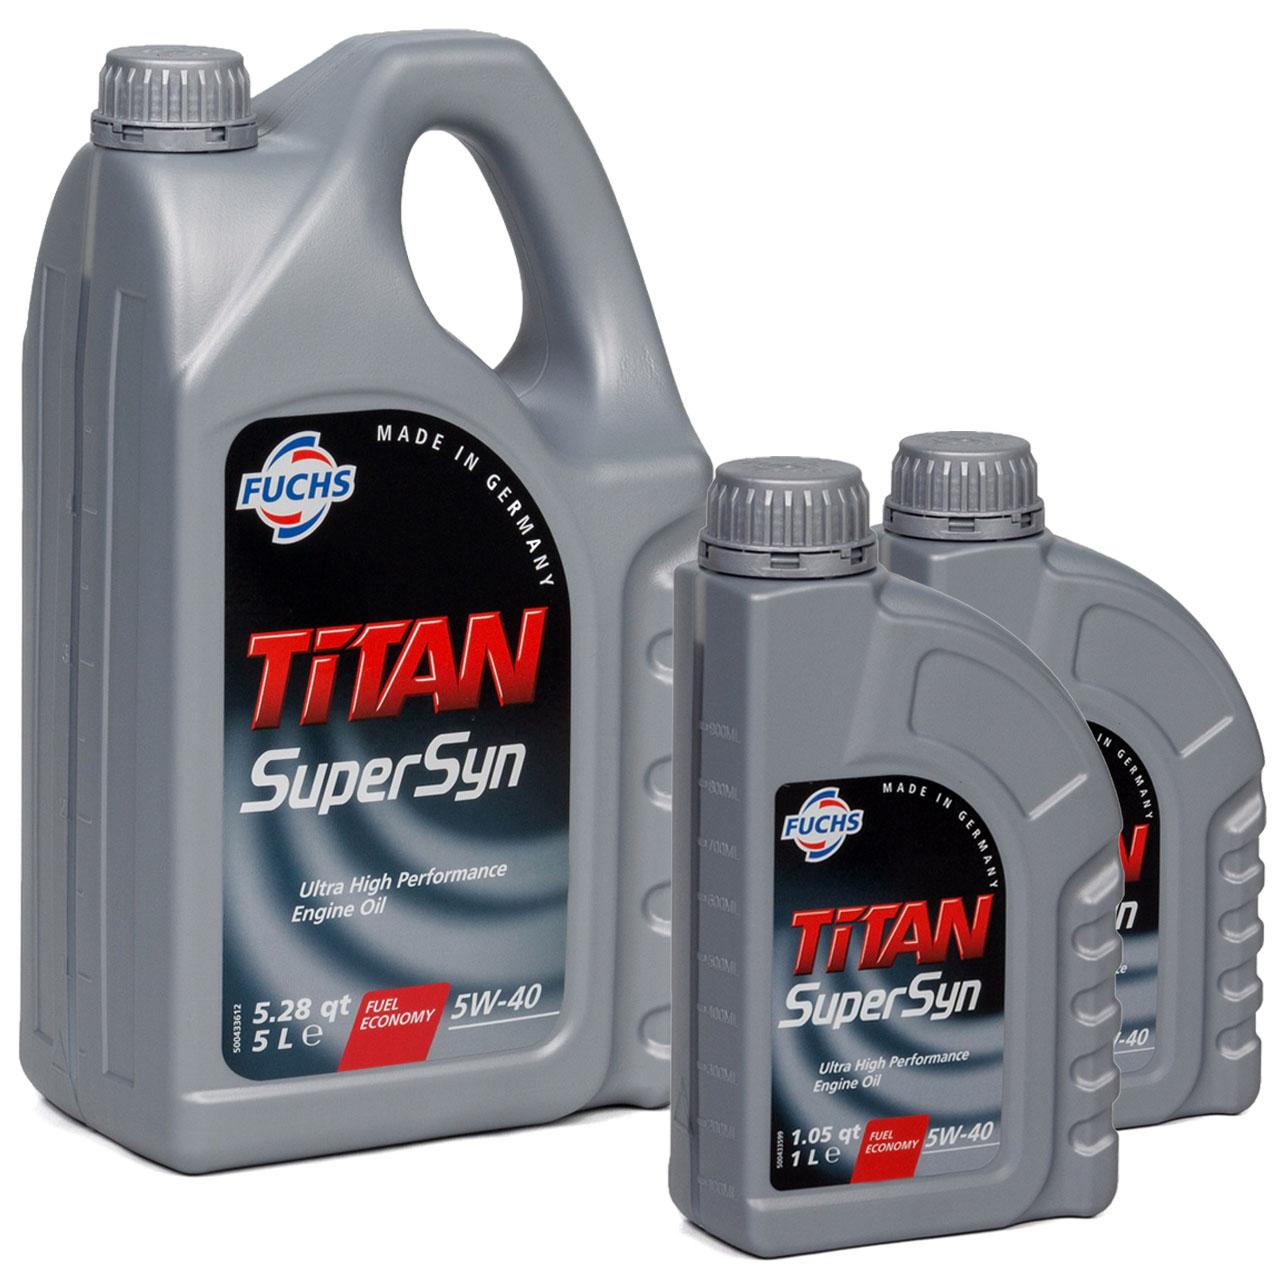 FUCHS MOTORÖL TITAN SuperSyn 5W-40 VW 502.00/505.00 MB 229.3 RN0700 - 7L 7 Liter